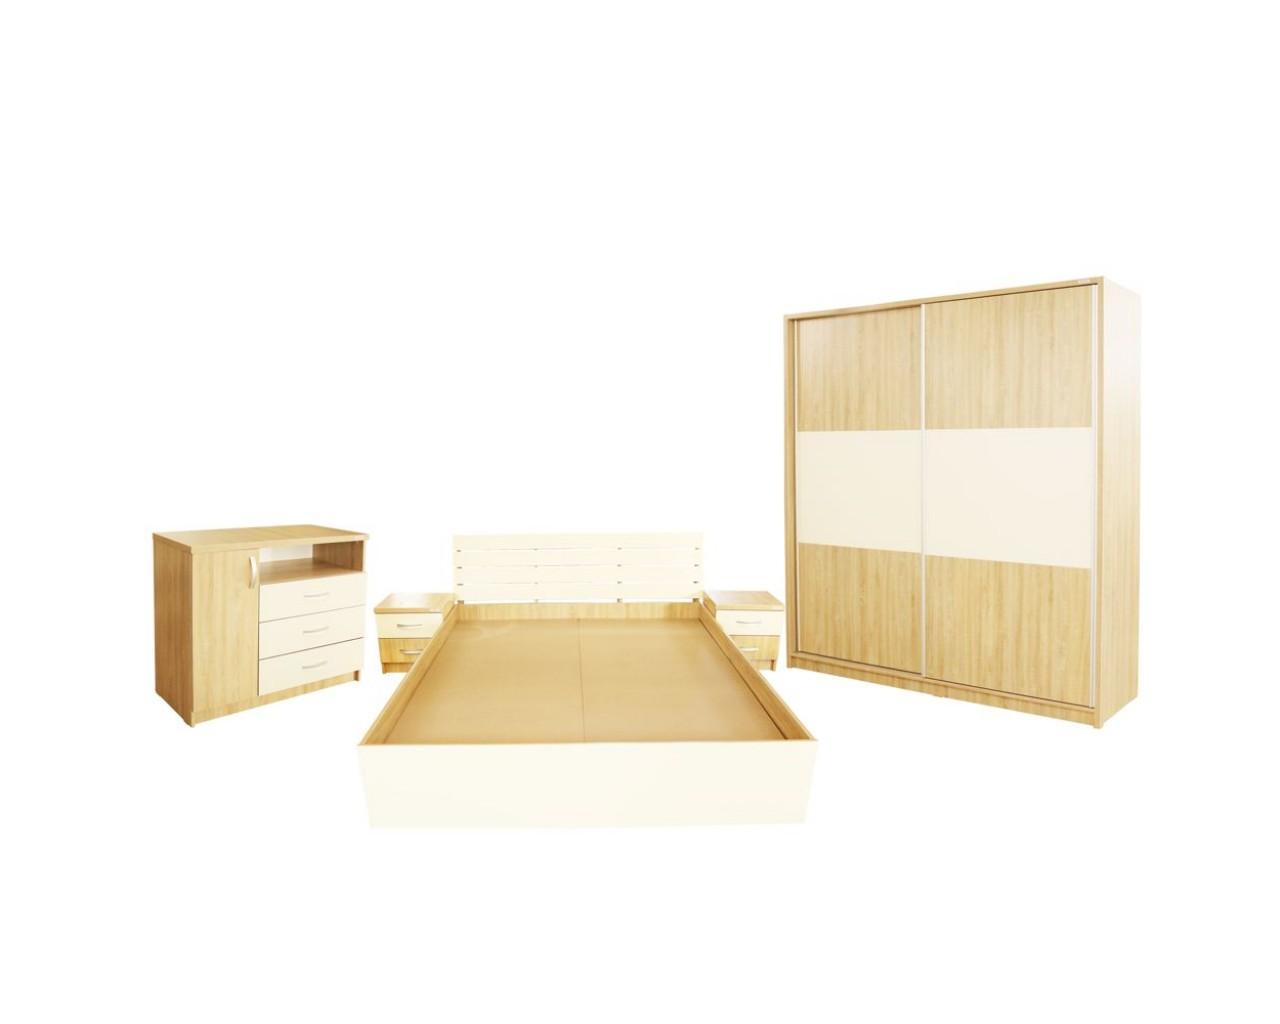 dormitor-milano-cu-pat-sonoma-160×200-cm-1280×1024